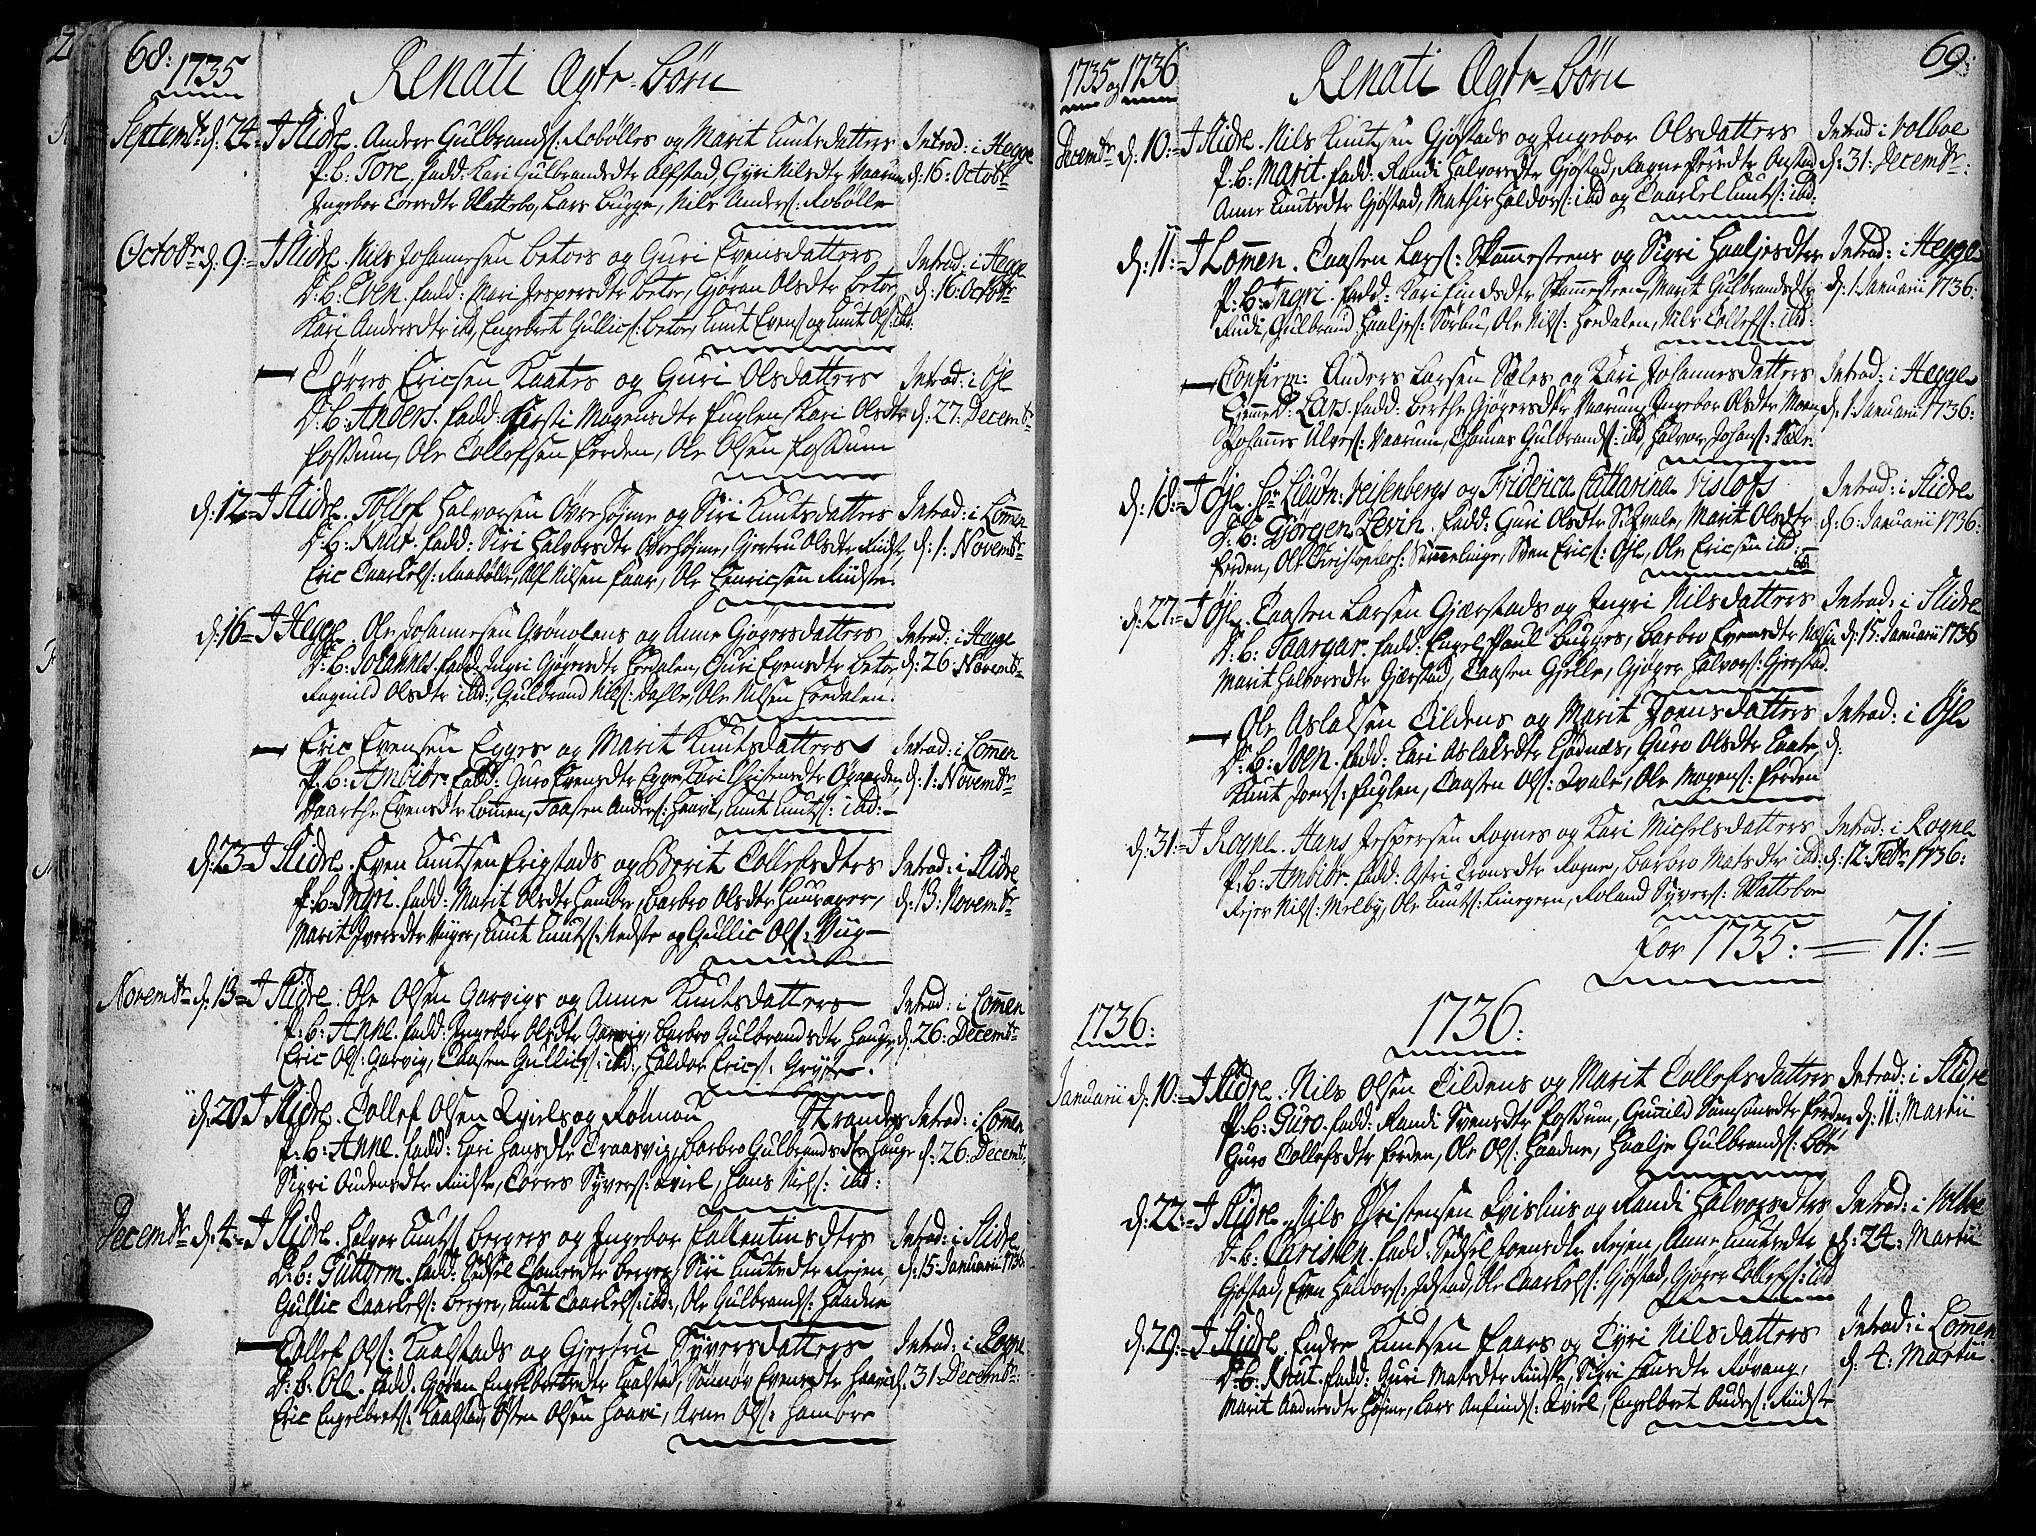 SAH, Slidre prestekontor, Ministerialbok nr. 1, 1724-1814, s. 68-69